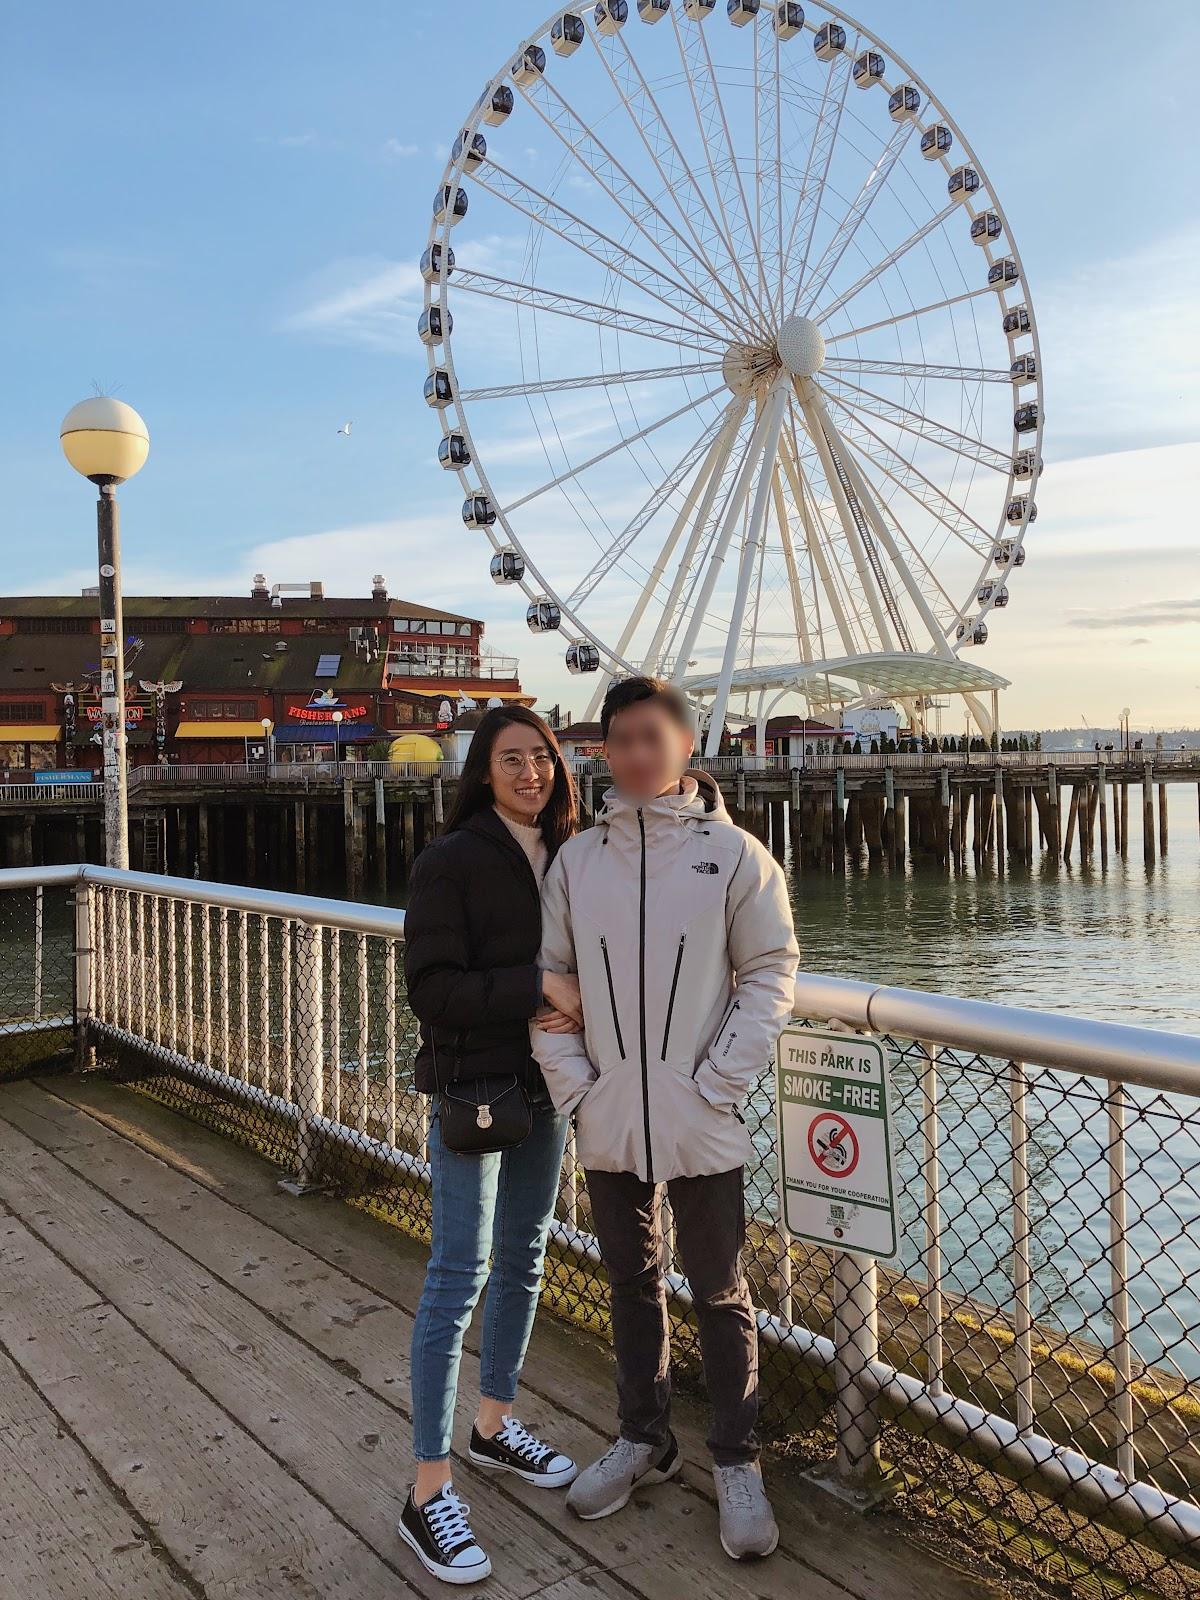 不論是一起去小旅行或是去對方的城市見面,保握每一刻相處的時光。@Pike Place Market, Seattle